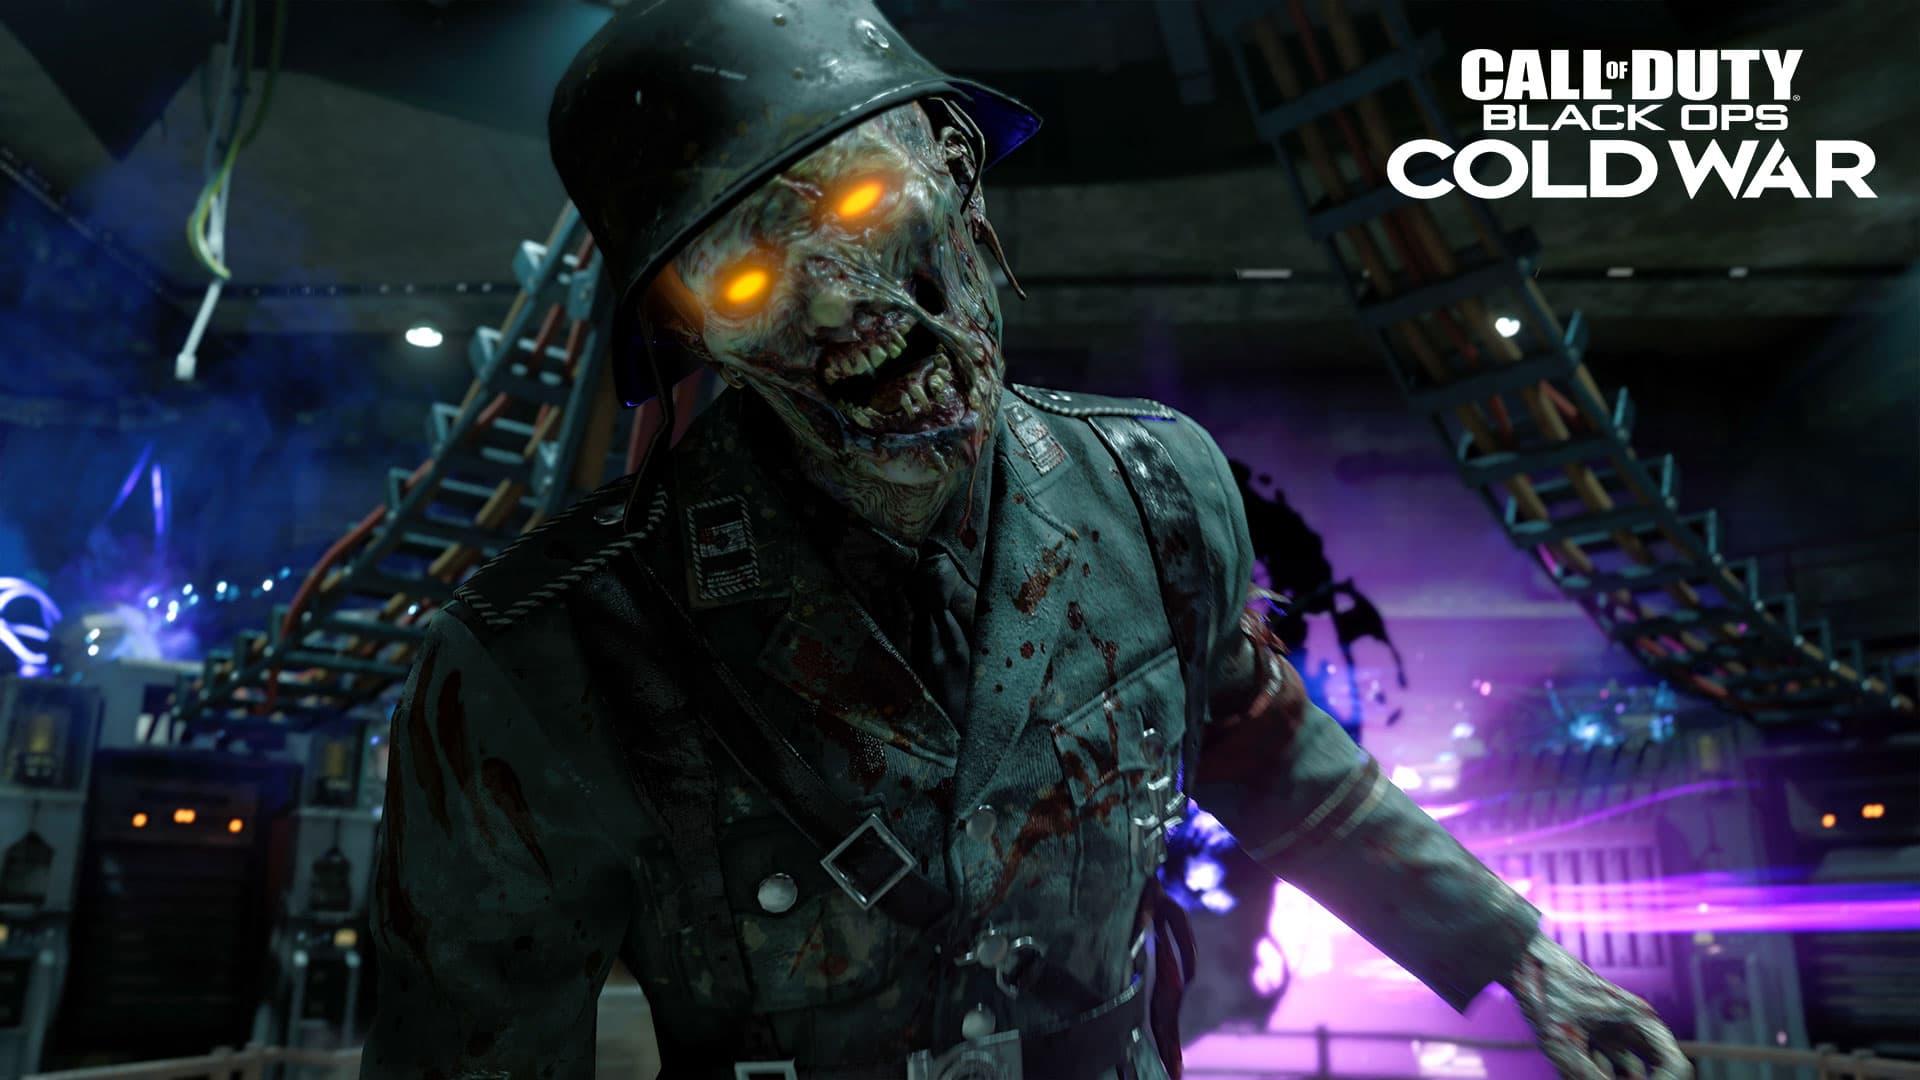 Los zombis de CoD: Black Ops Cold War estarán gratis hasta el 21 de enero